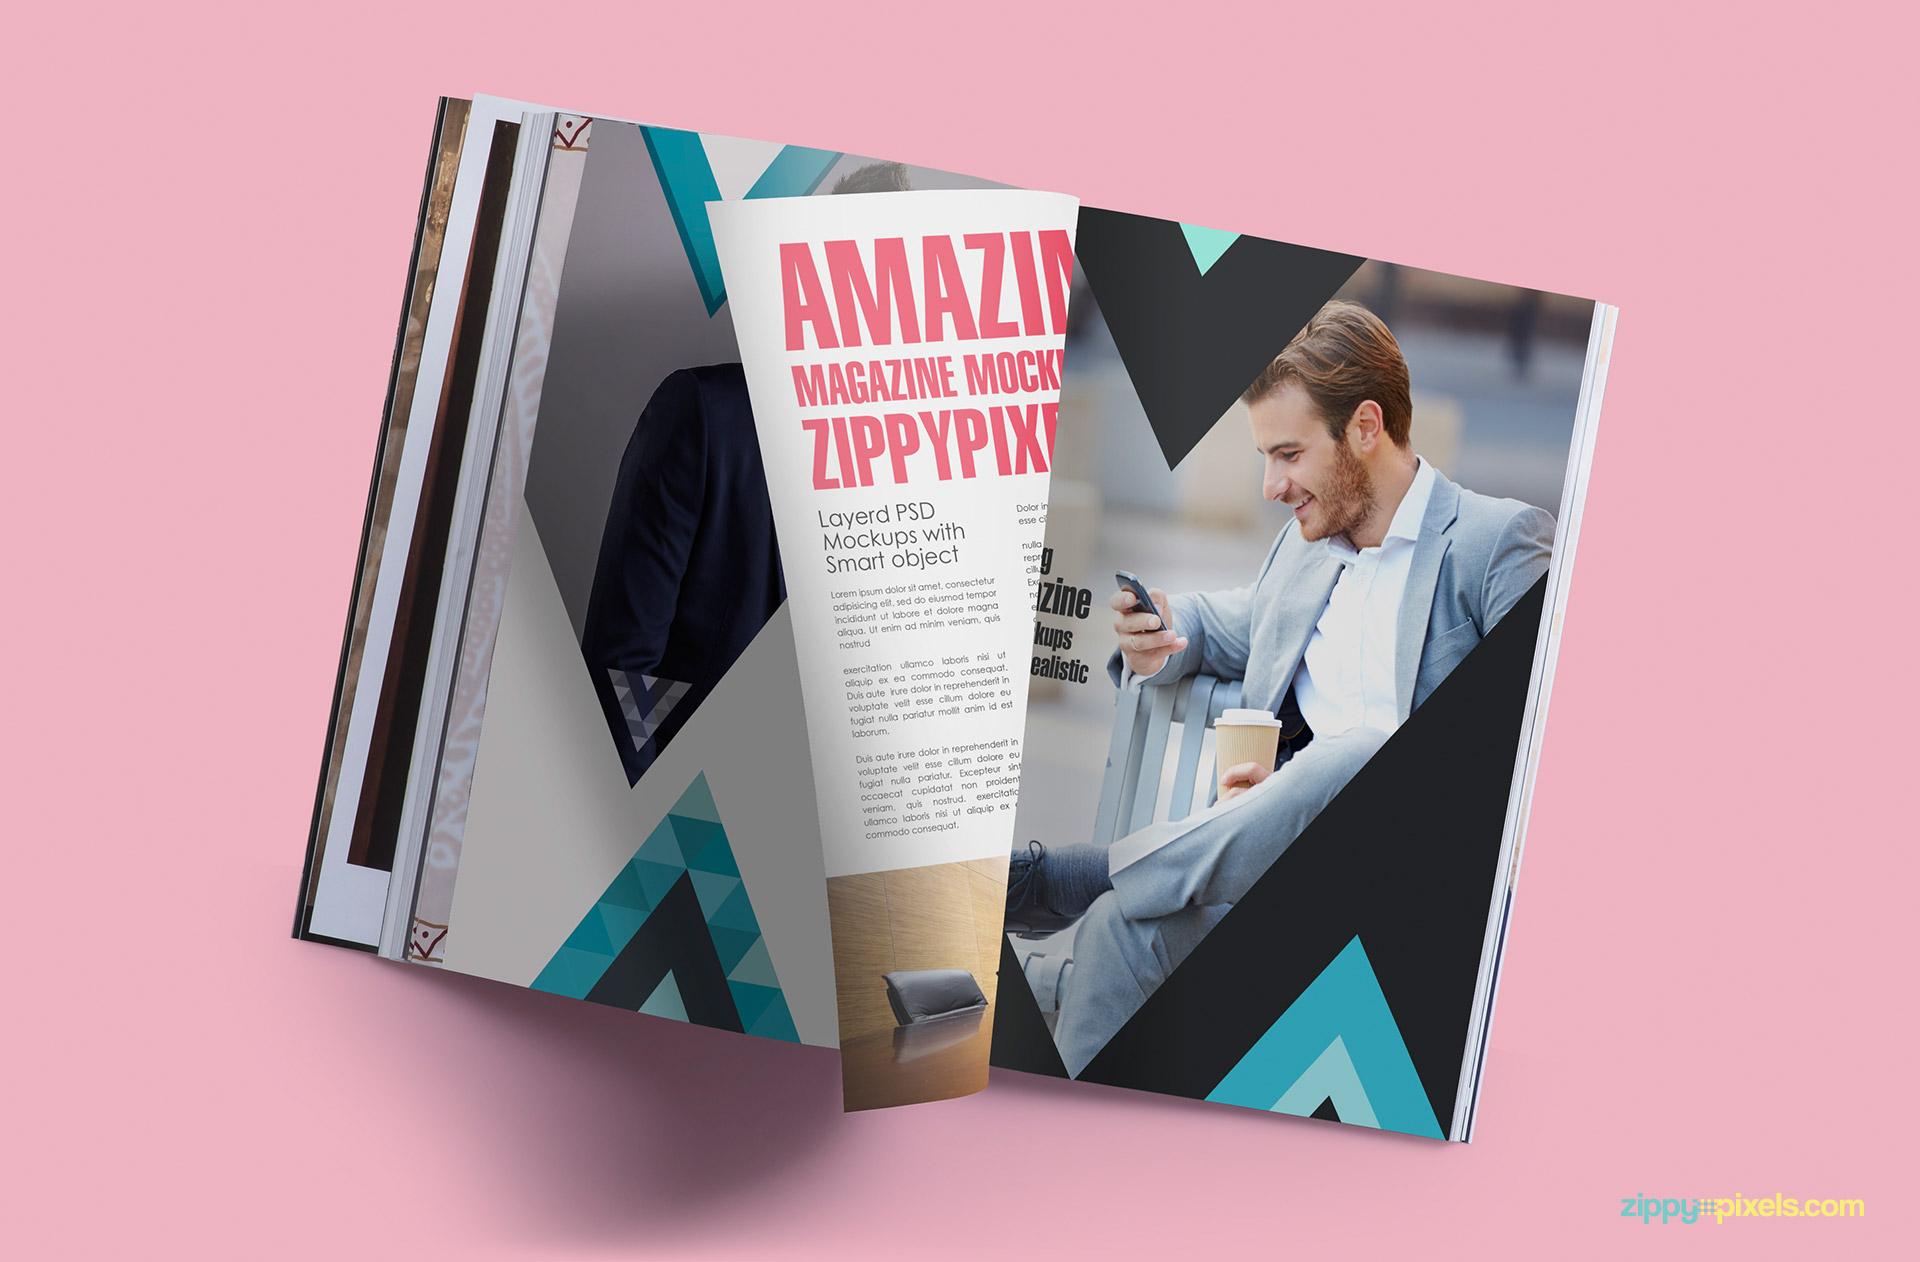 Photorealistic magazine mockup of turning pages